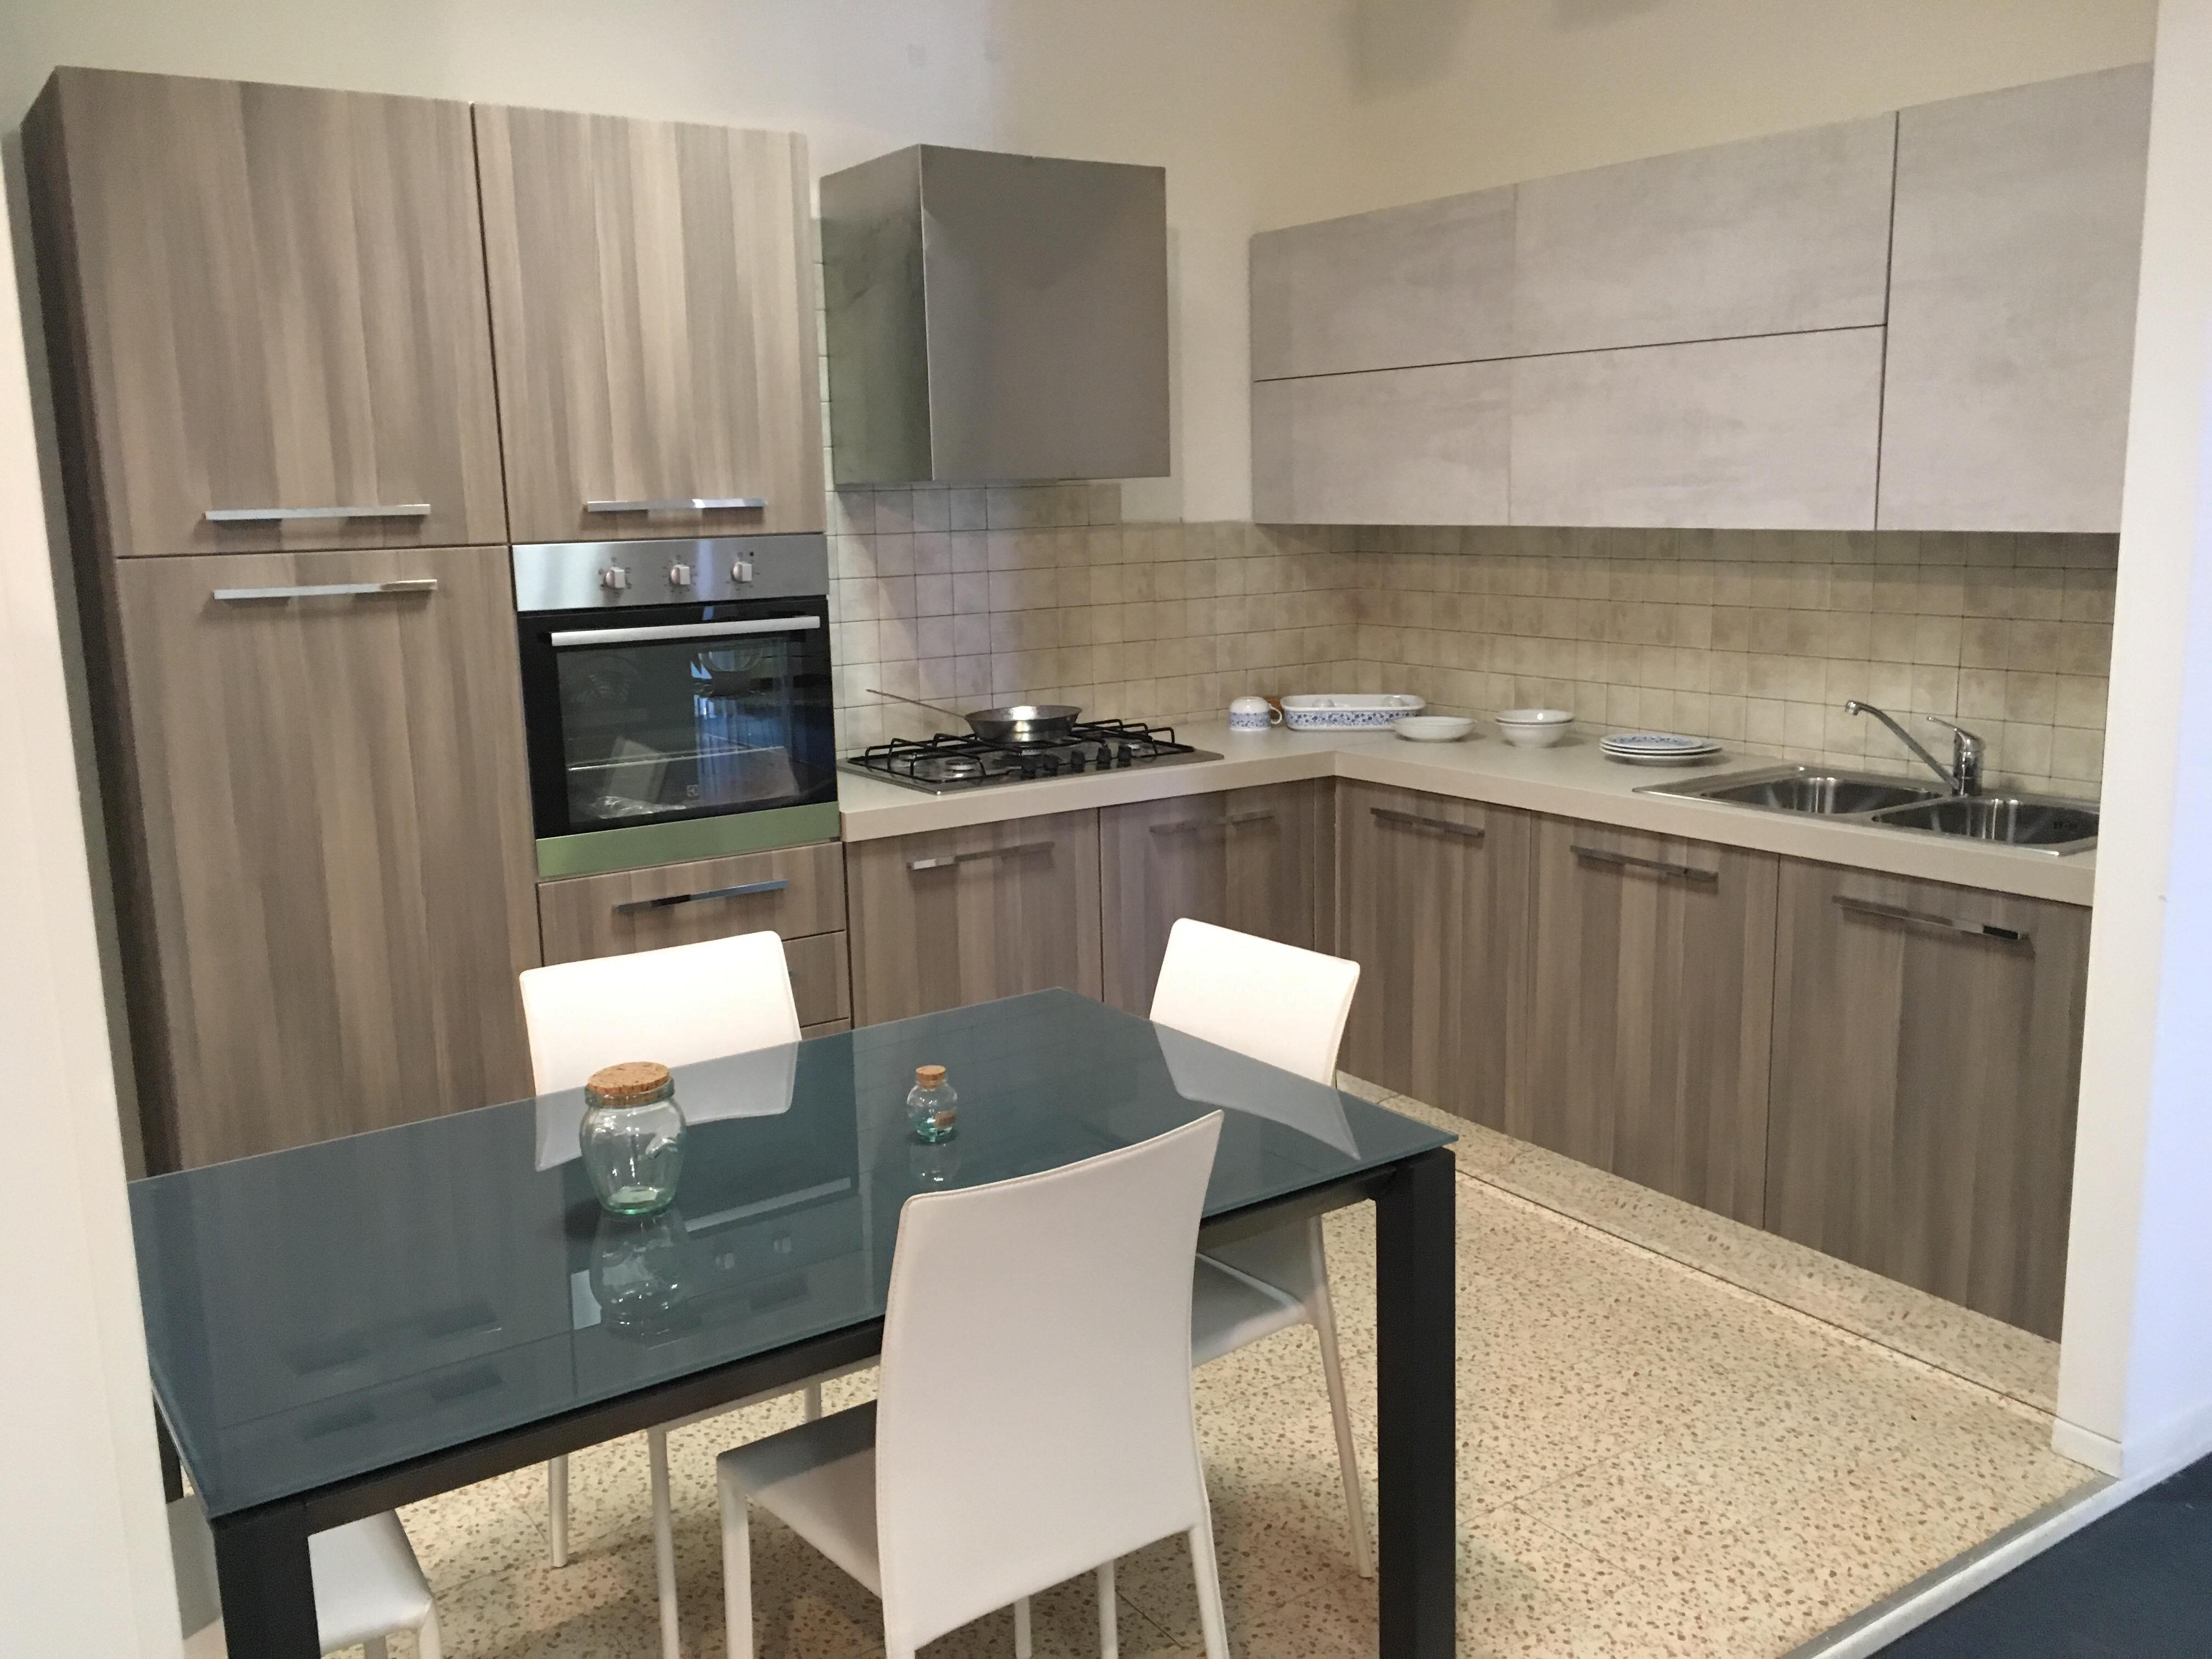 Offerta cucina ad angolo astra cucine misura 300x240cm - Lavandini ad angolo per cucina ...